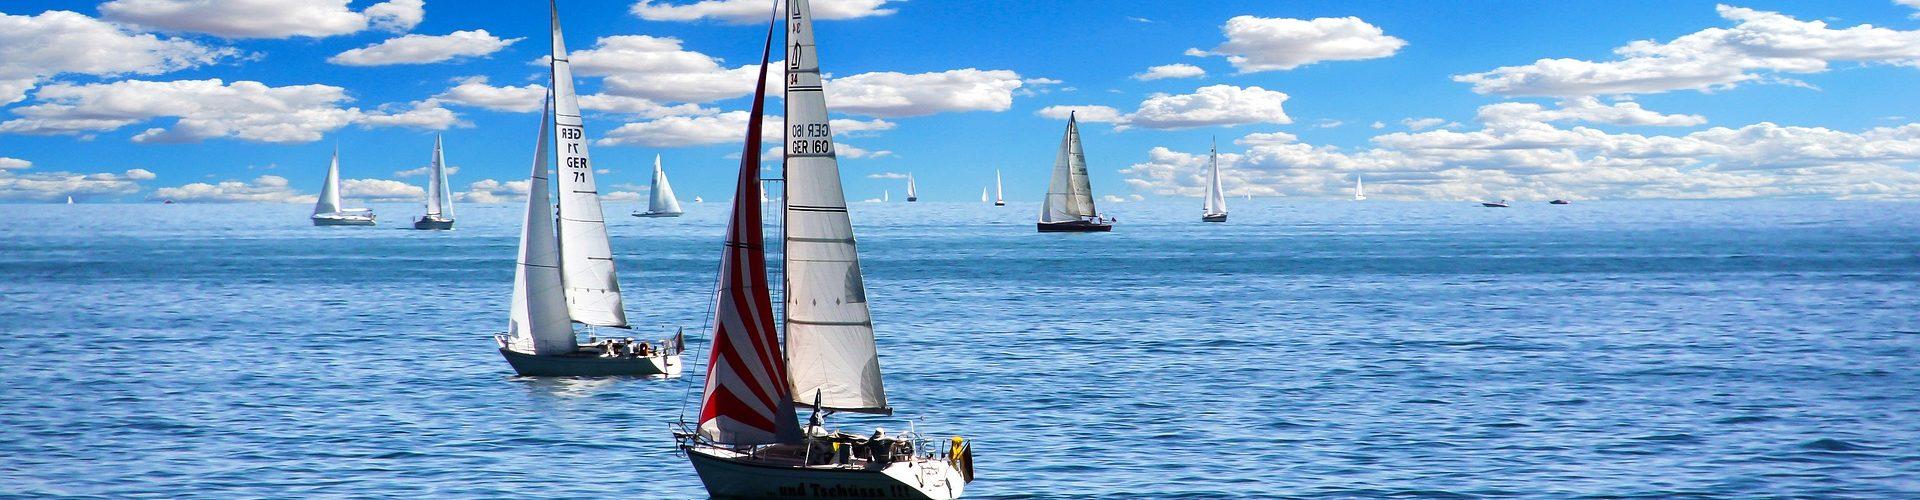 segeln lernen in Stutensee segelschein machen in Stutensee 1920x500 - Segeln lernen in Stutensee